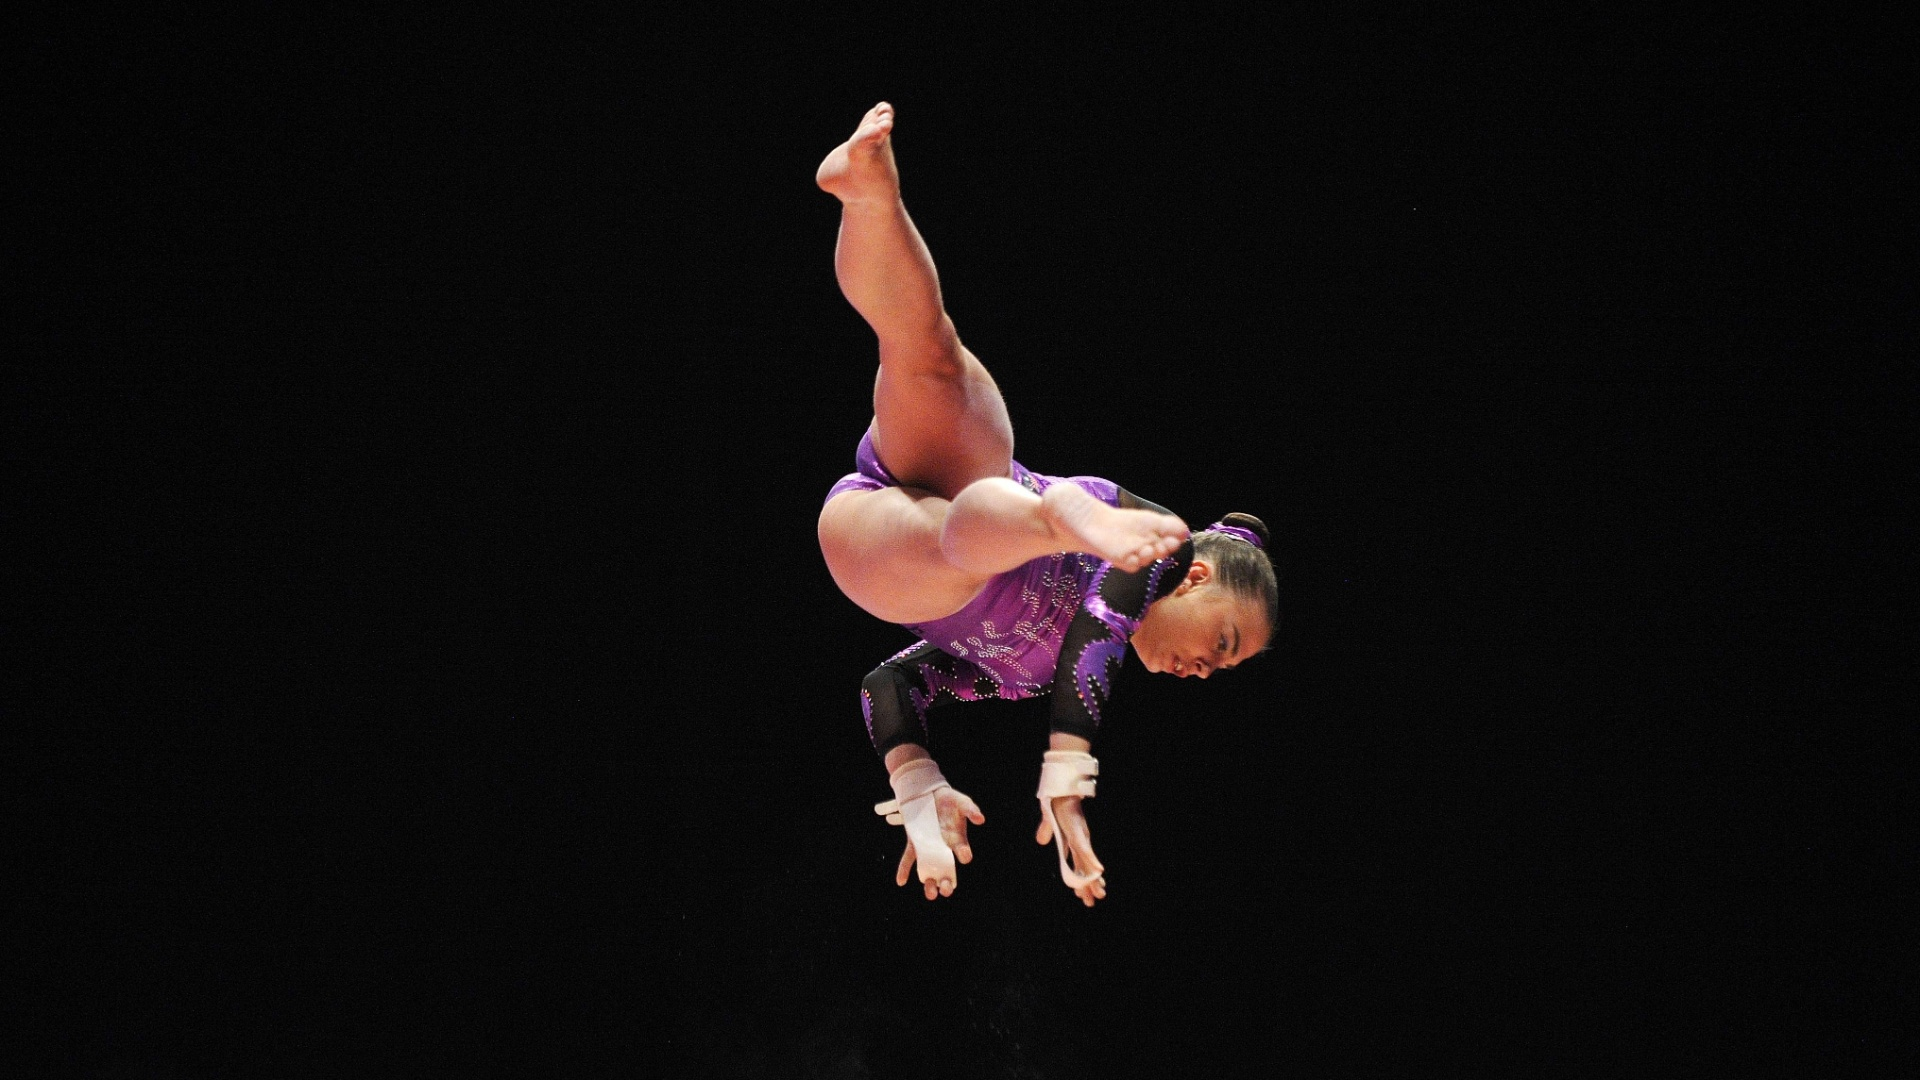 Detalhe do voo de Madeleine Leydin, da Austrália, em sua apresentação nas barras assimétricas, na eliminatória do Mundial de ginástica em Glasgow